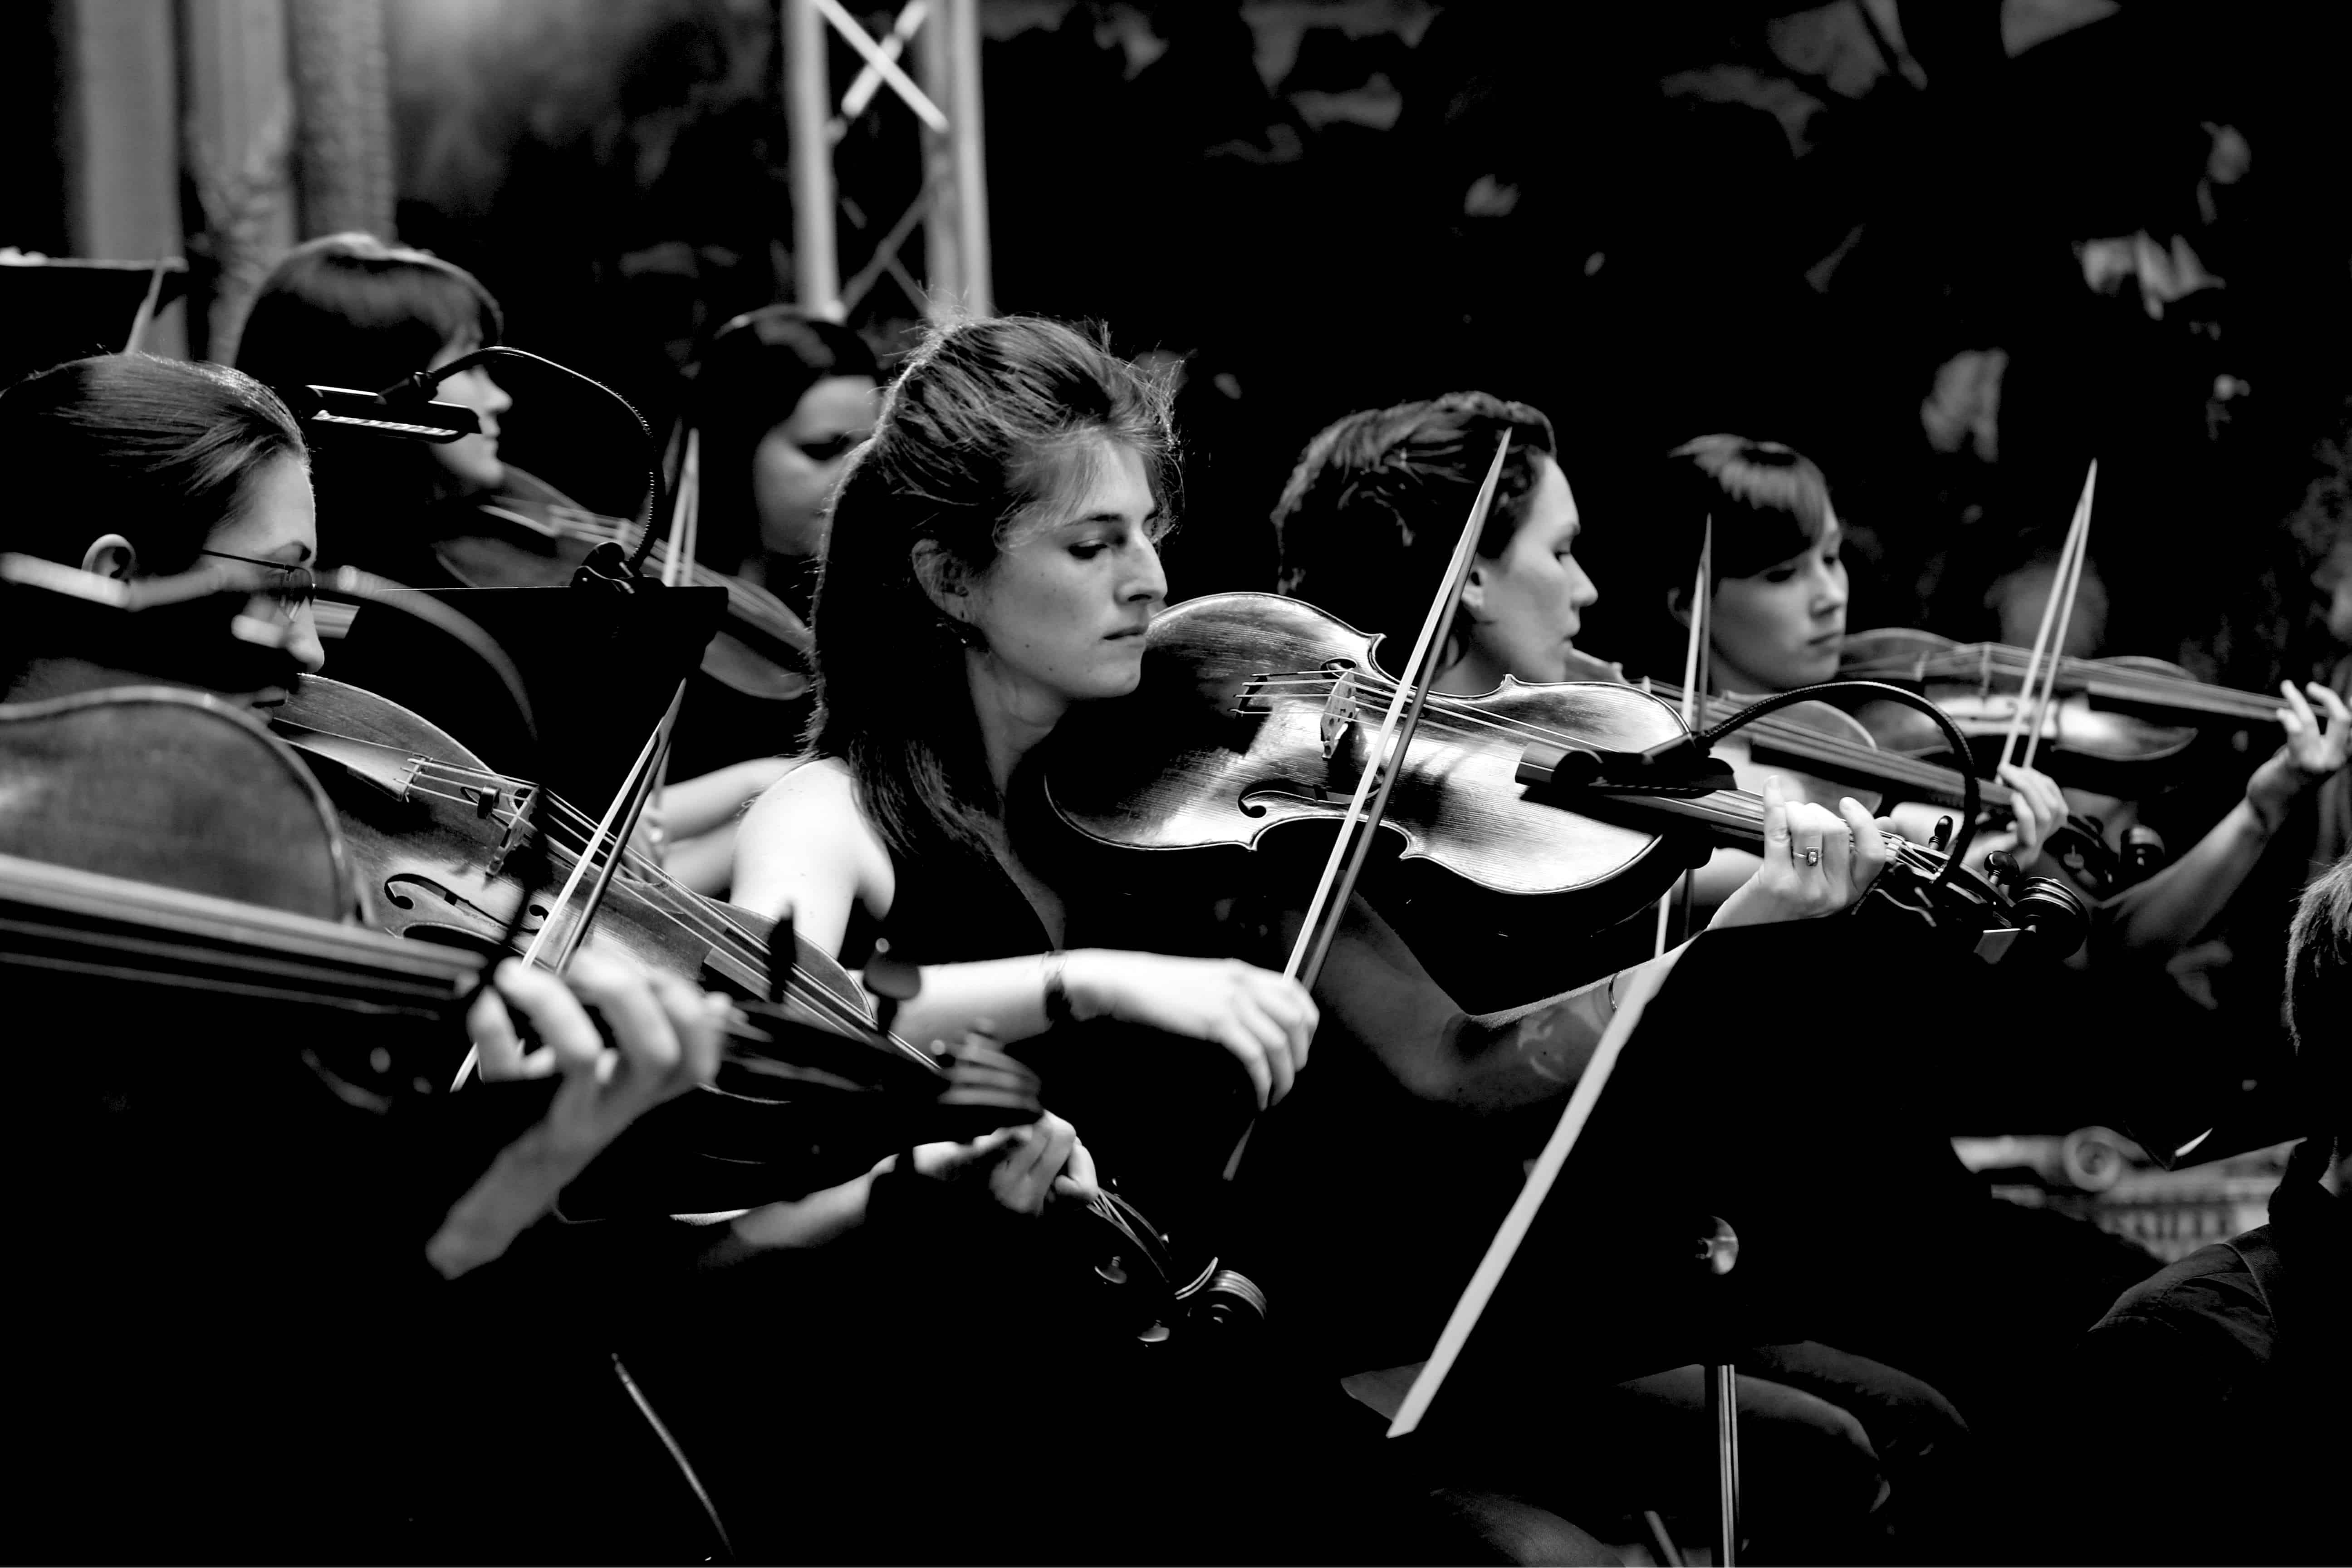 Violons - Centre de Musique Baroque de Versailles. Crédit photo : Chabridon